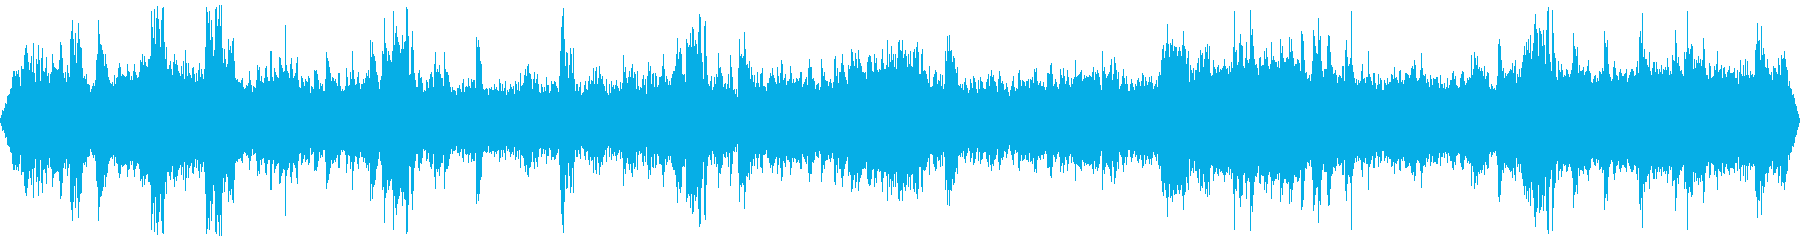 アーケード、アミューズメントパーク...の再生済みの波形